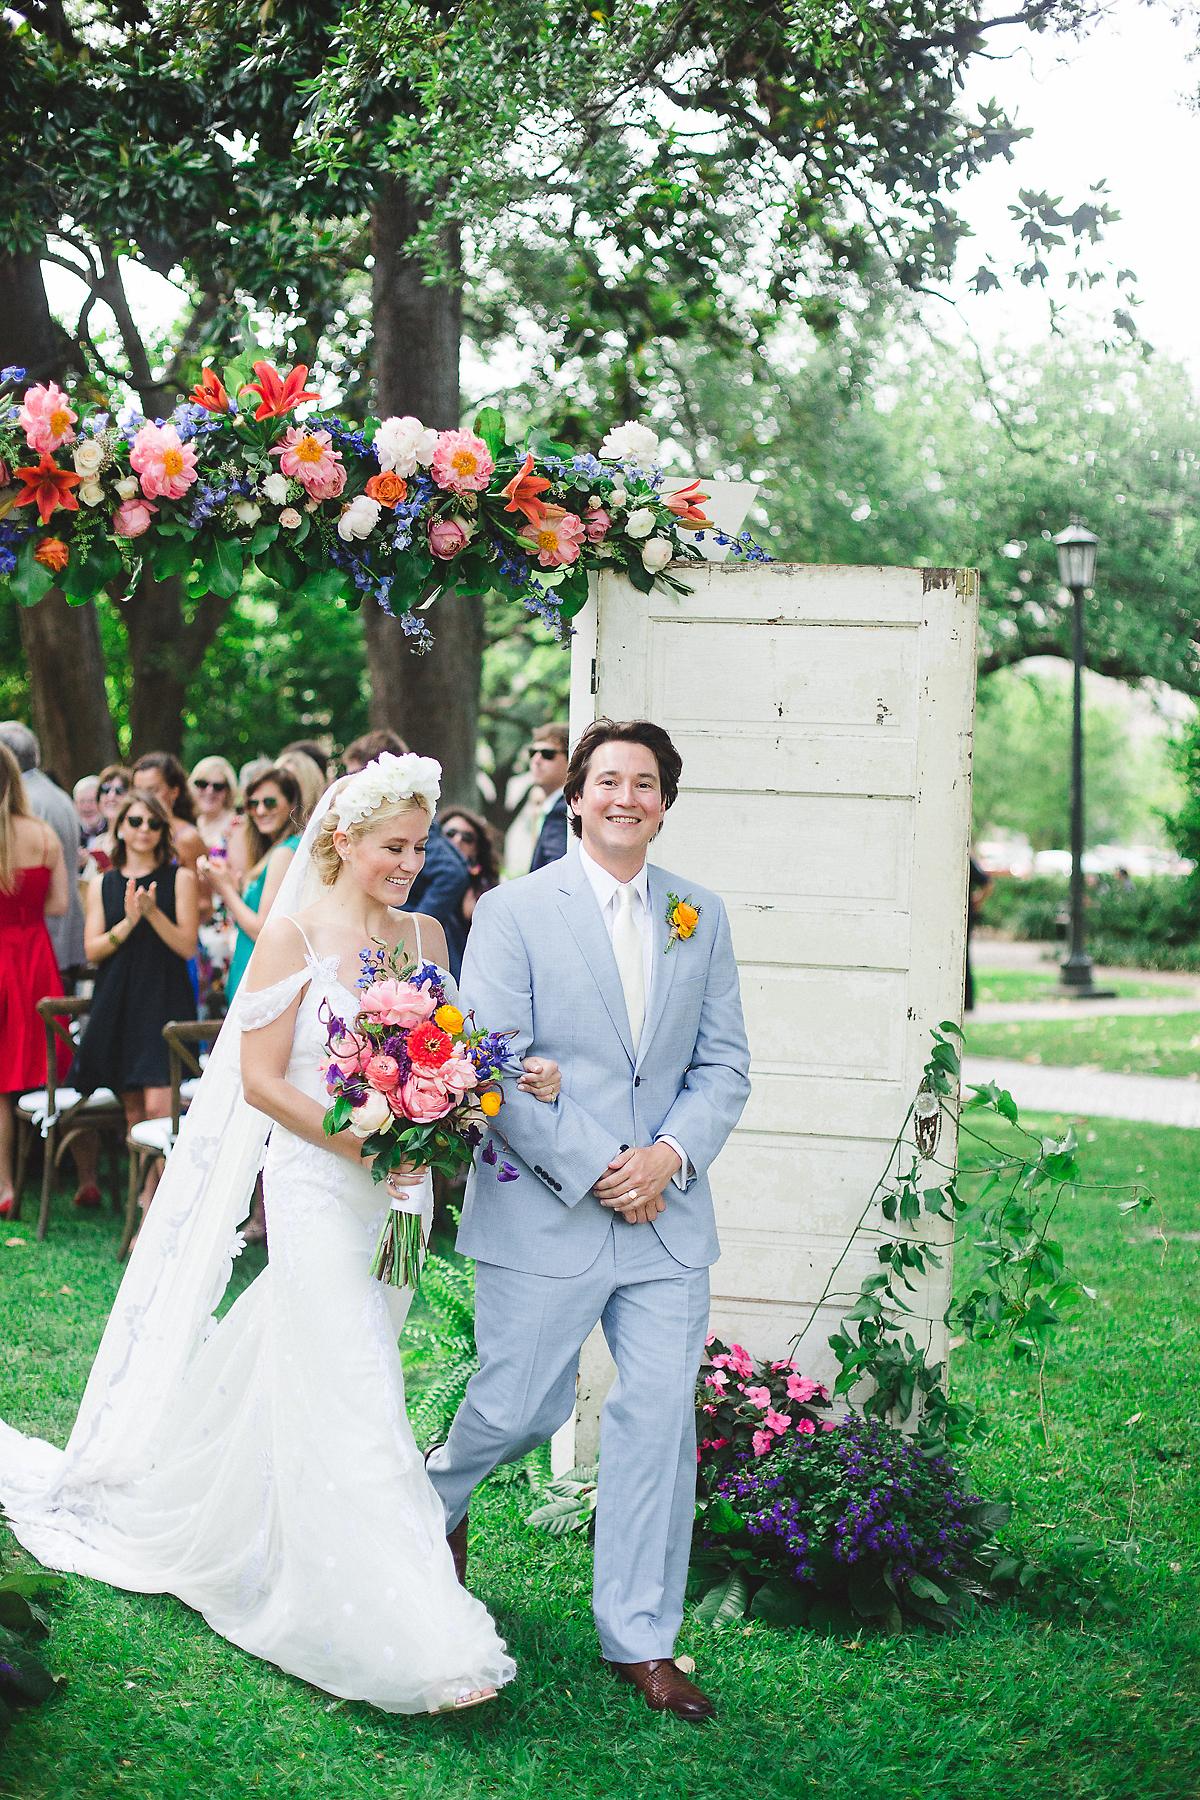 mansion-on-forsyth-park-wedding-25.jpg